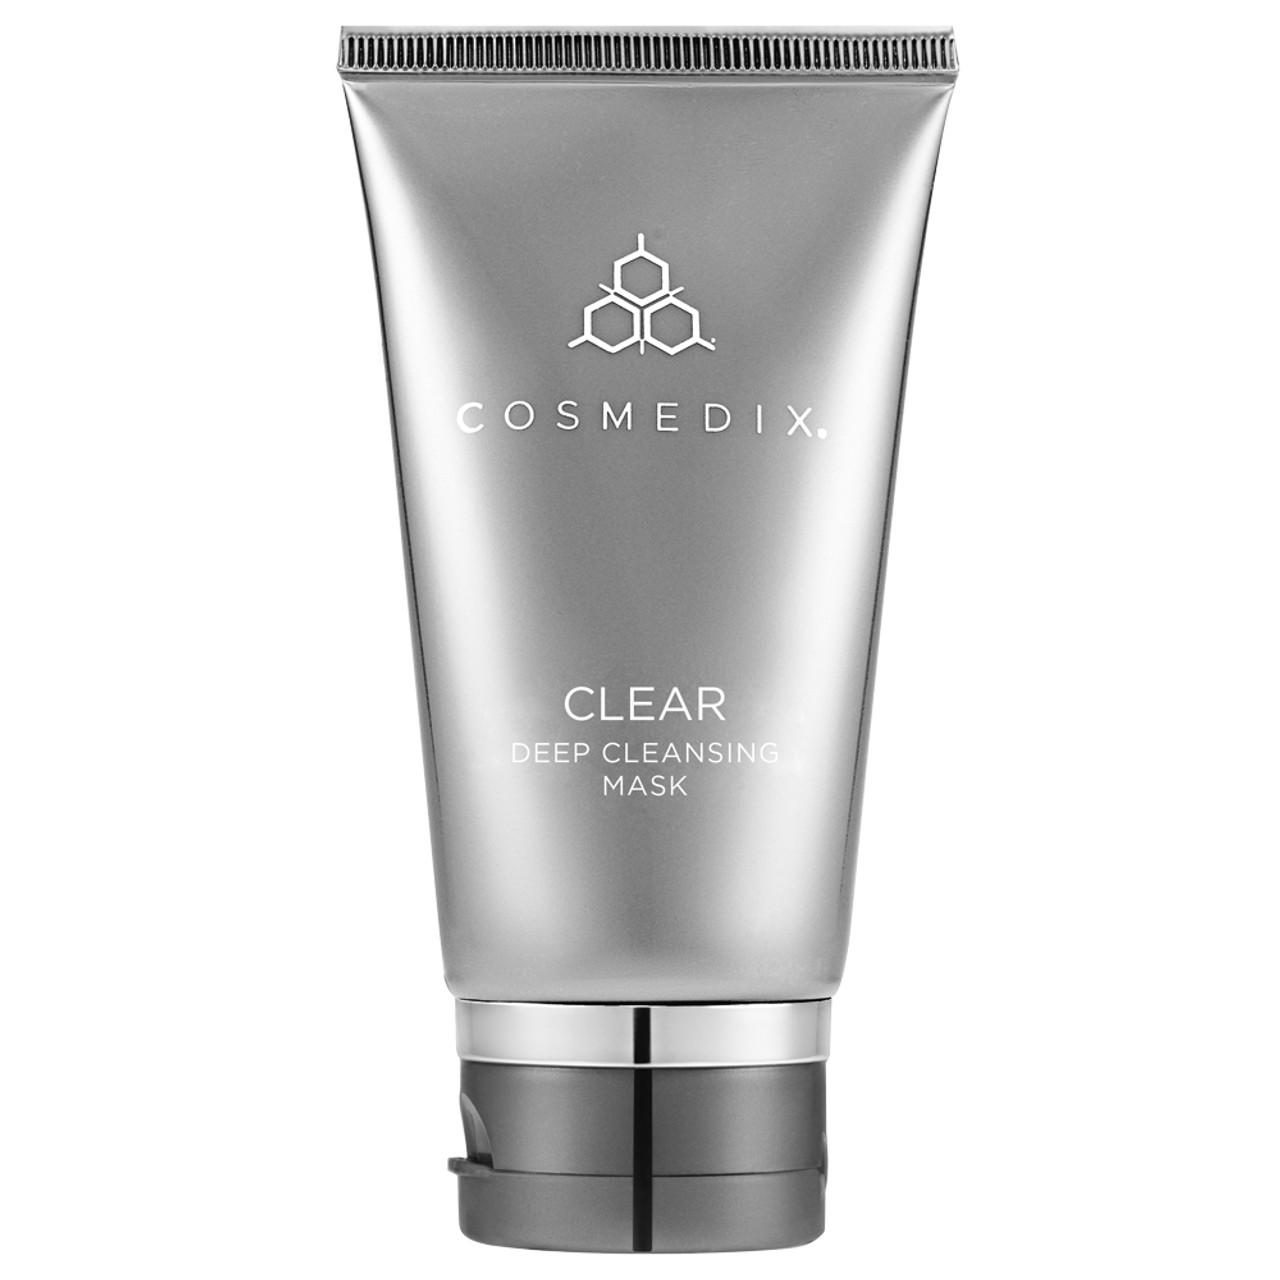 CosMedix Clear Mask